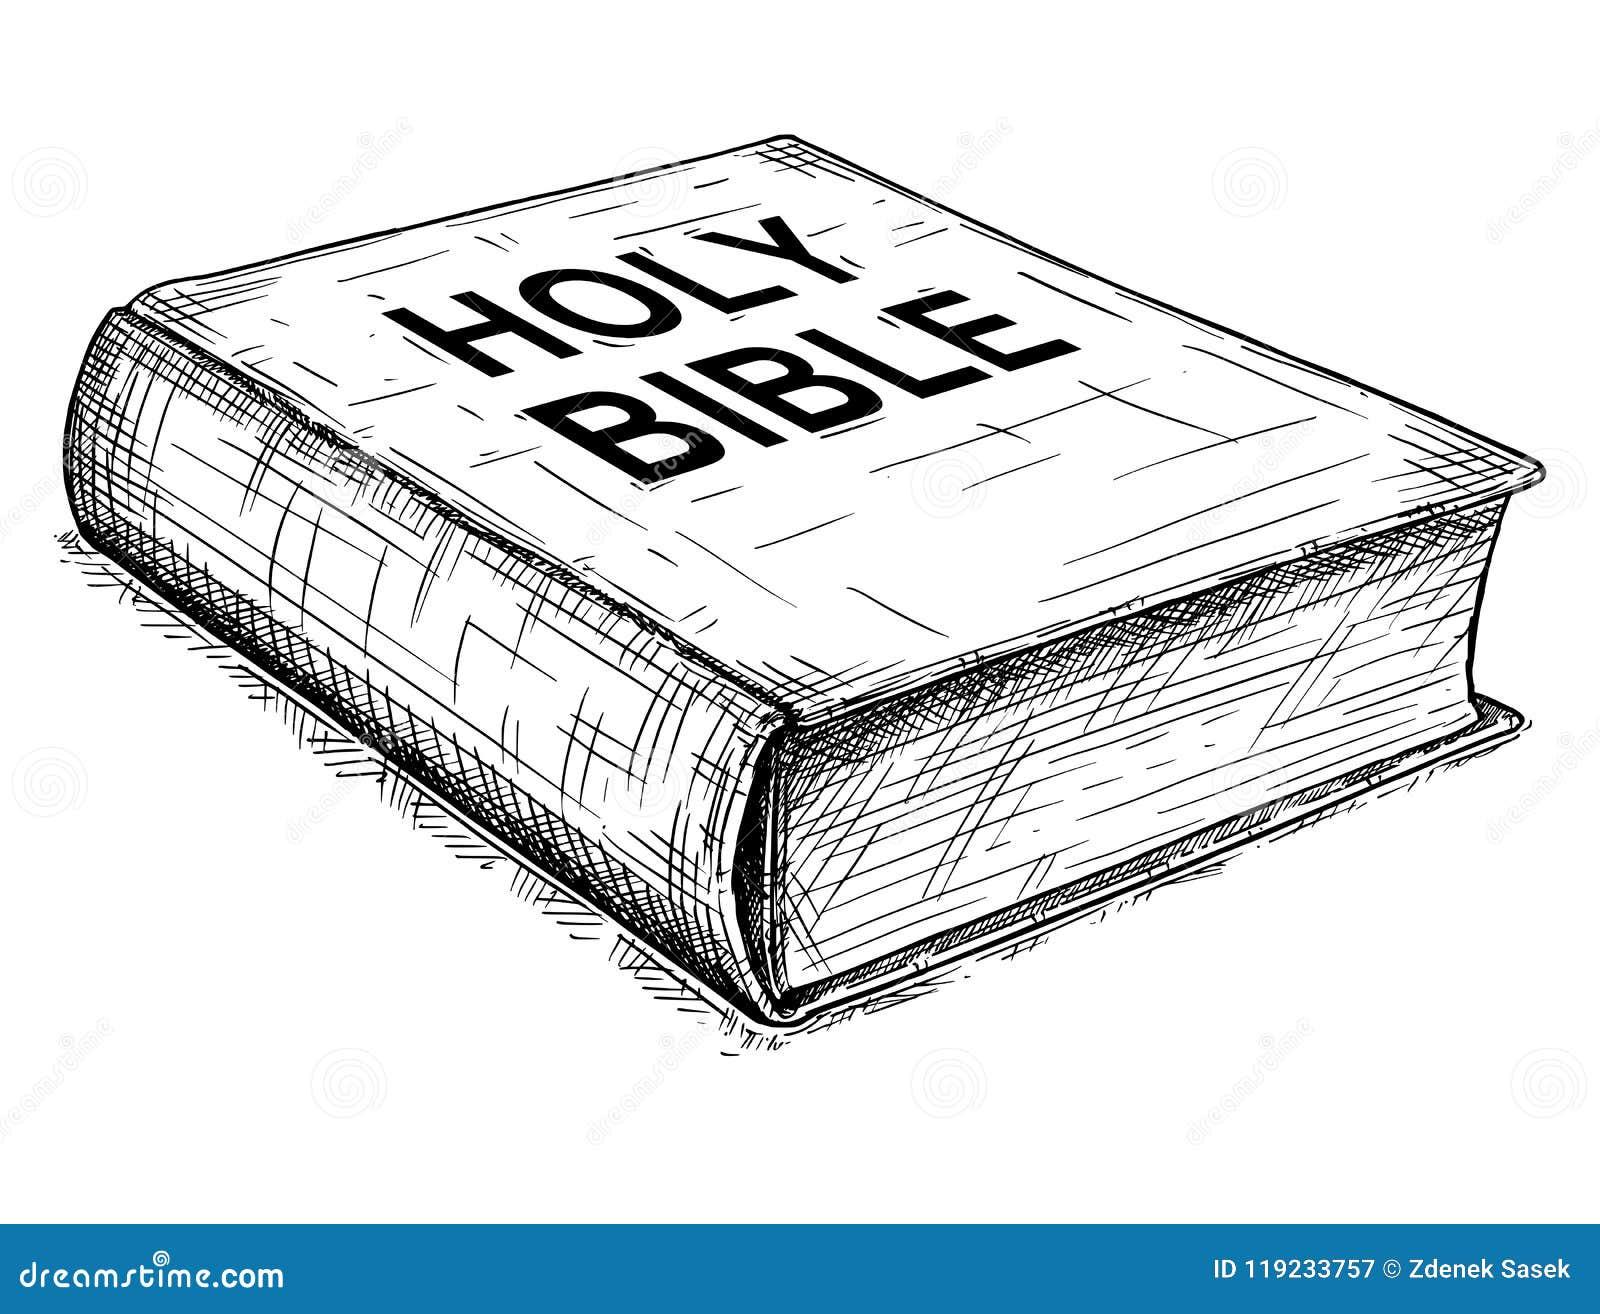 Ilustracao Artistica Do Desenho Do Vetor Do Livro Da Biblia